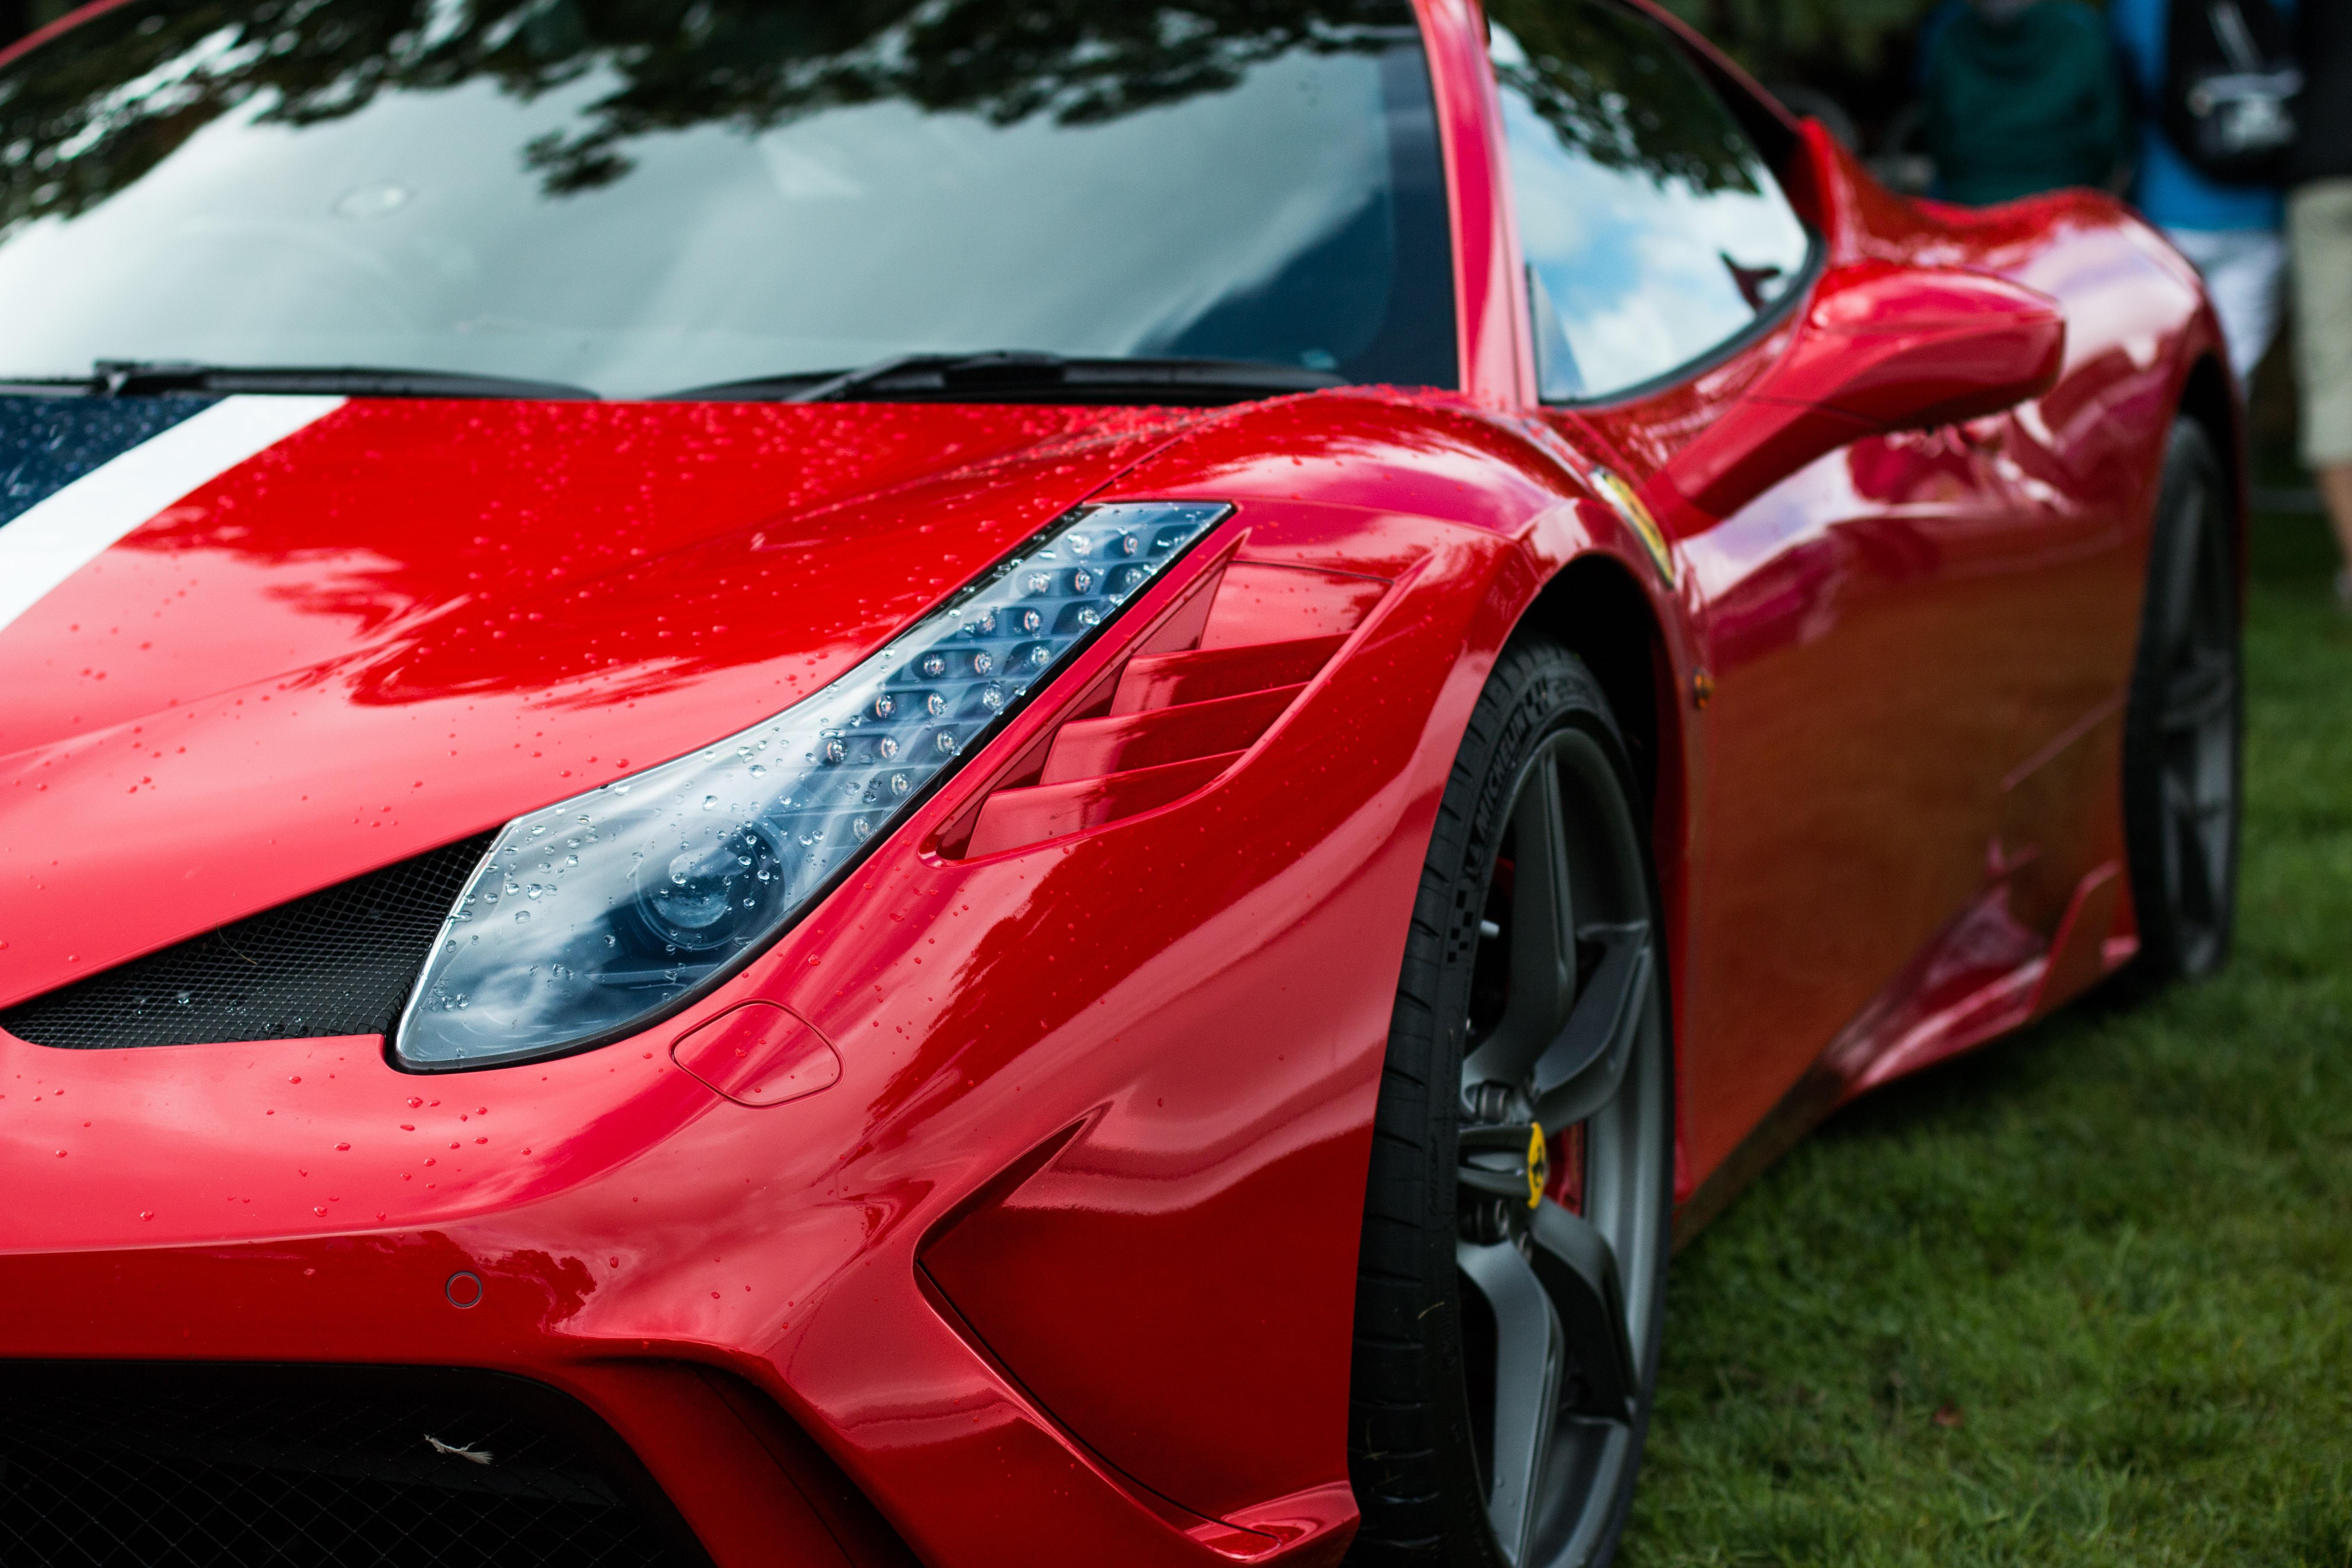 85622 Hintergrundbild herunterladen Sport, Ferrari, Cars, Sportwagen, Scheinwerfer, Rad, Supersportwagen, Ferrari 458 Speciale, Ferrari 458 Spezial - Bildschirmschoner und Bilder kostenlos